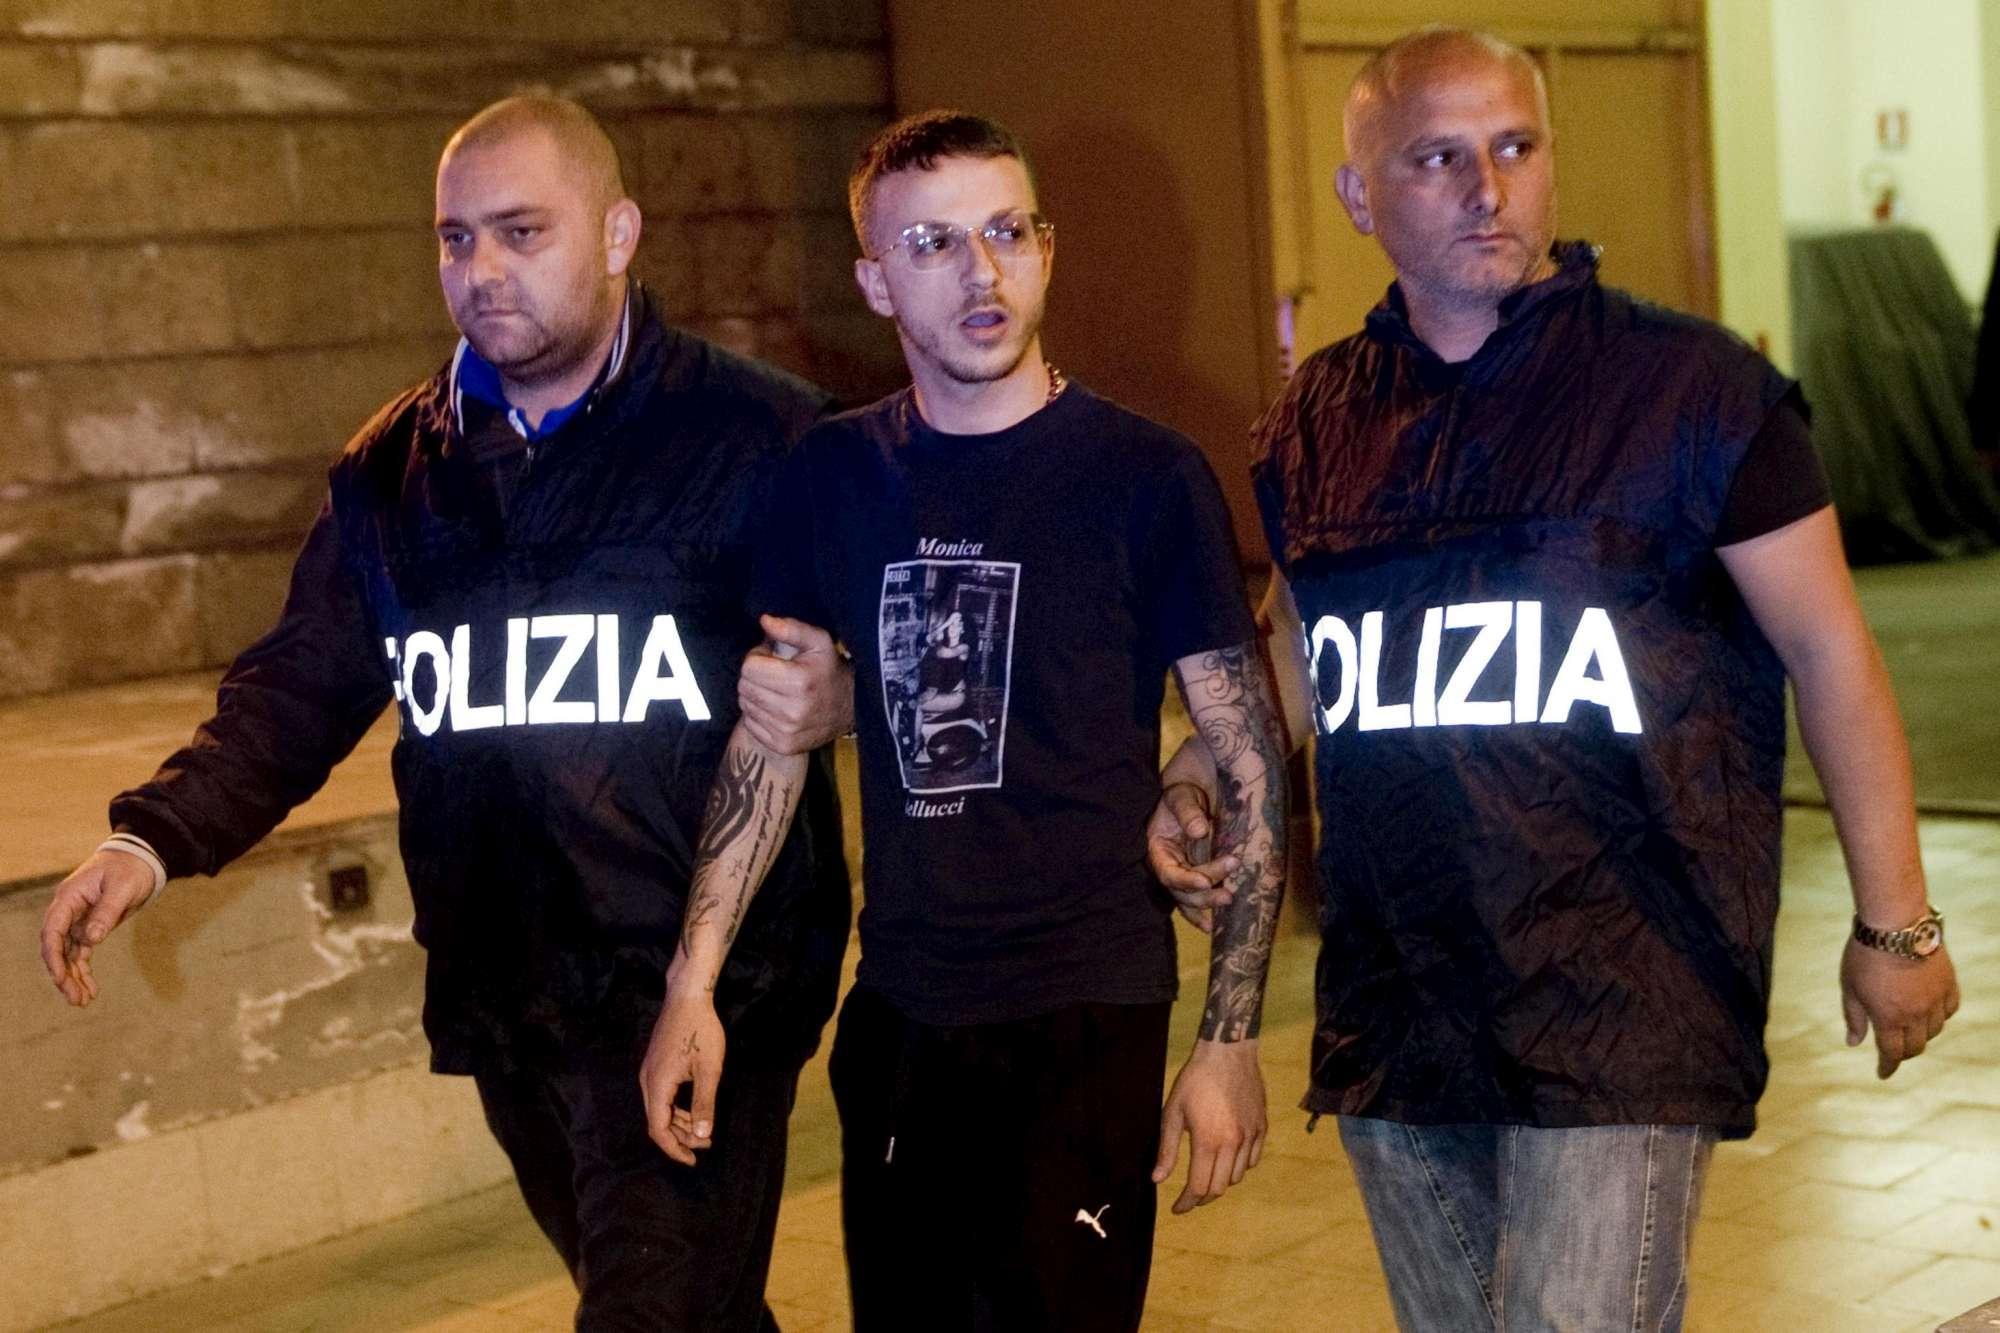 Cadavere in auto a Napoli, 29enne ucciso con colpo alla testa